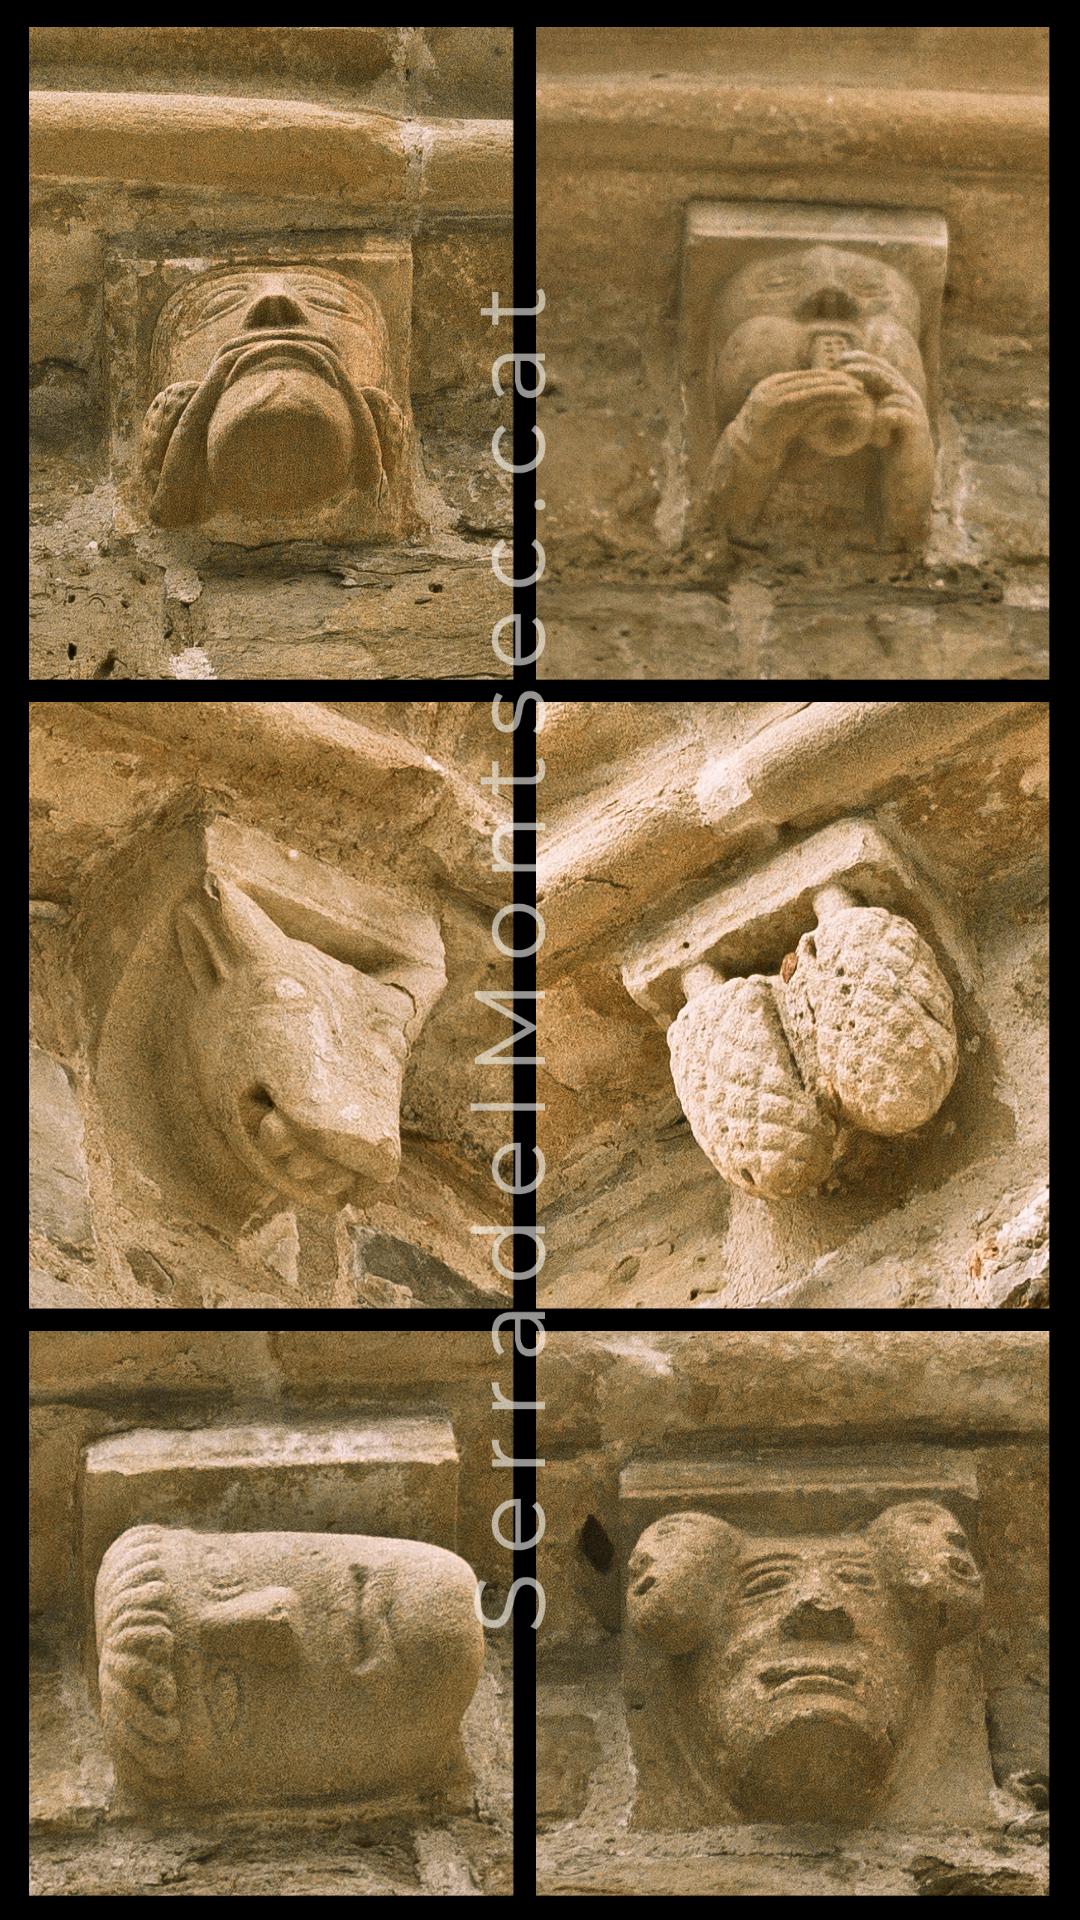 Mènsules esculpides de l'absis de Santa Maria de Covet, Isona i Conca Dellà, Pallars Jussà. Lleida, Catalunya. Montsec de Rúbies (o de Meià).